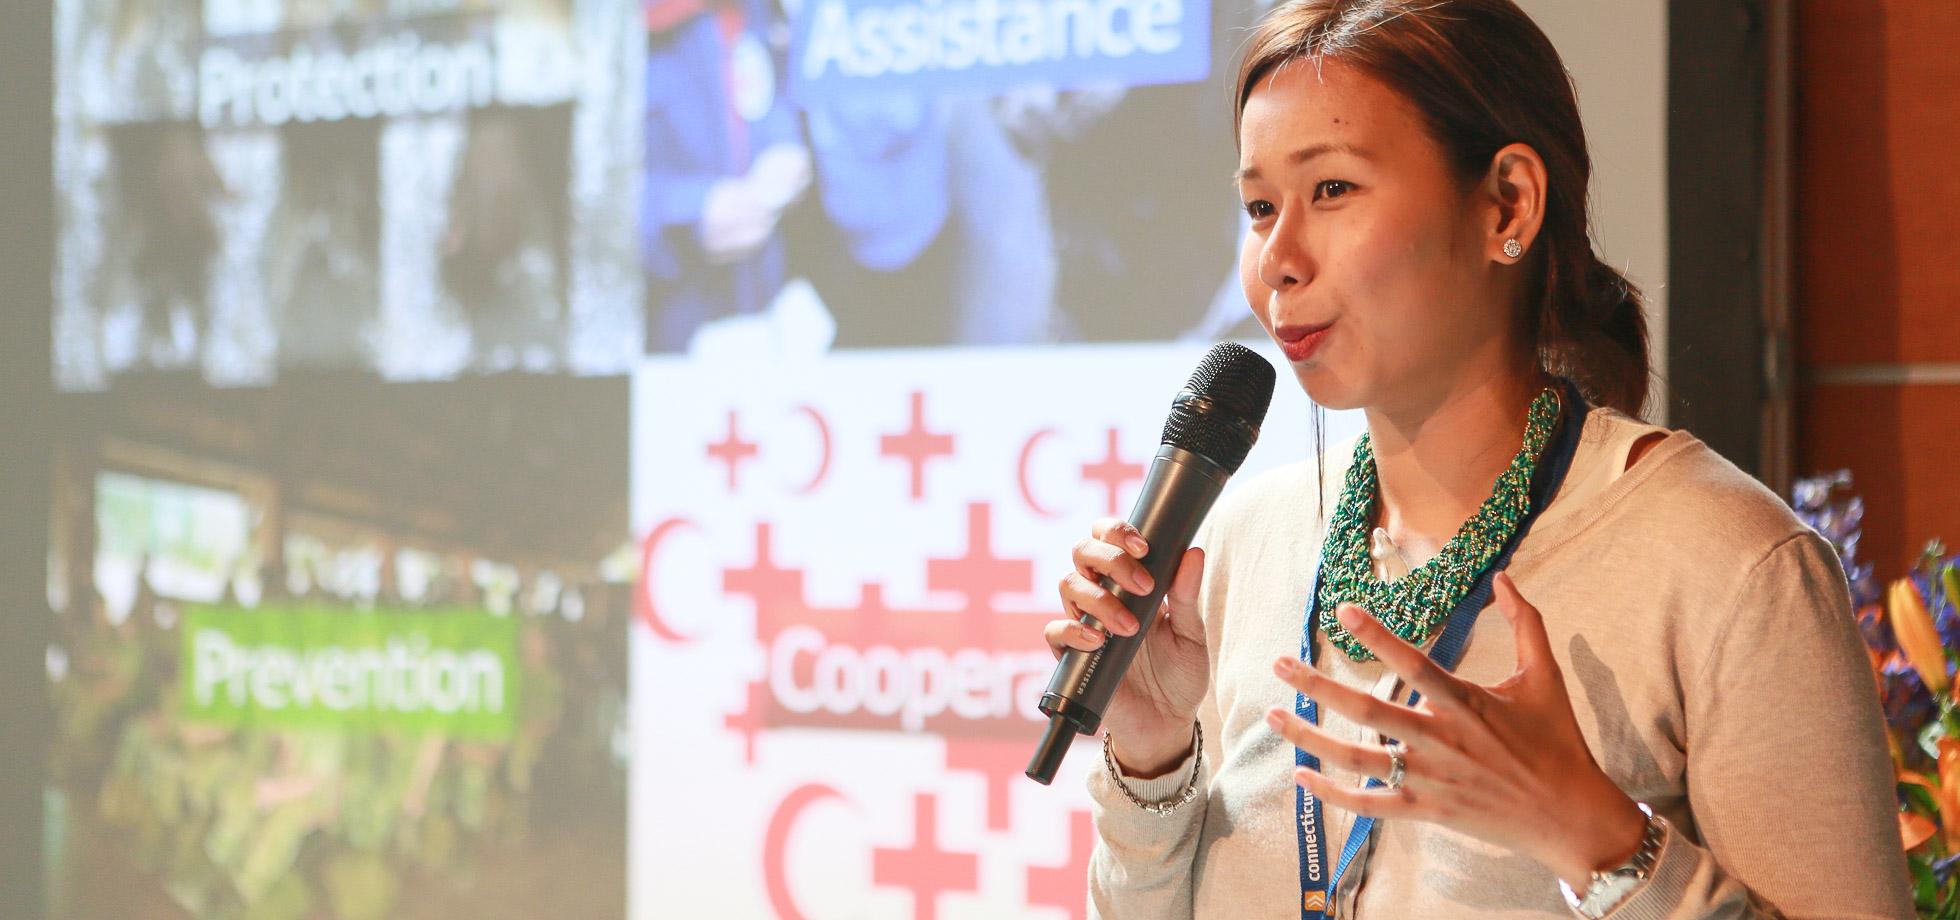 Foto Firmen-Kontakt-Messe connecticum